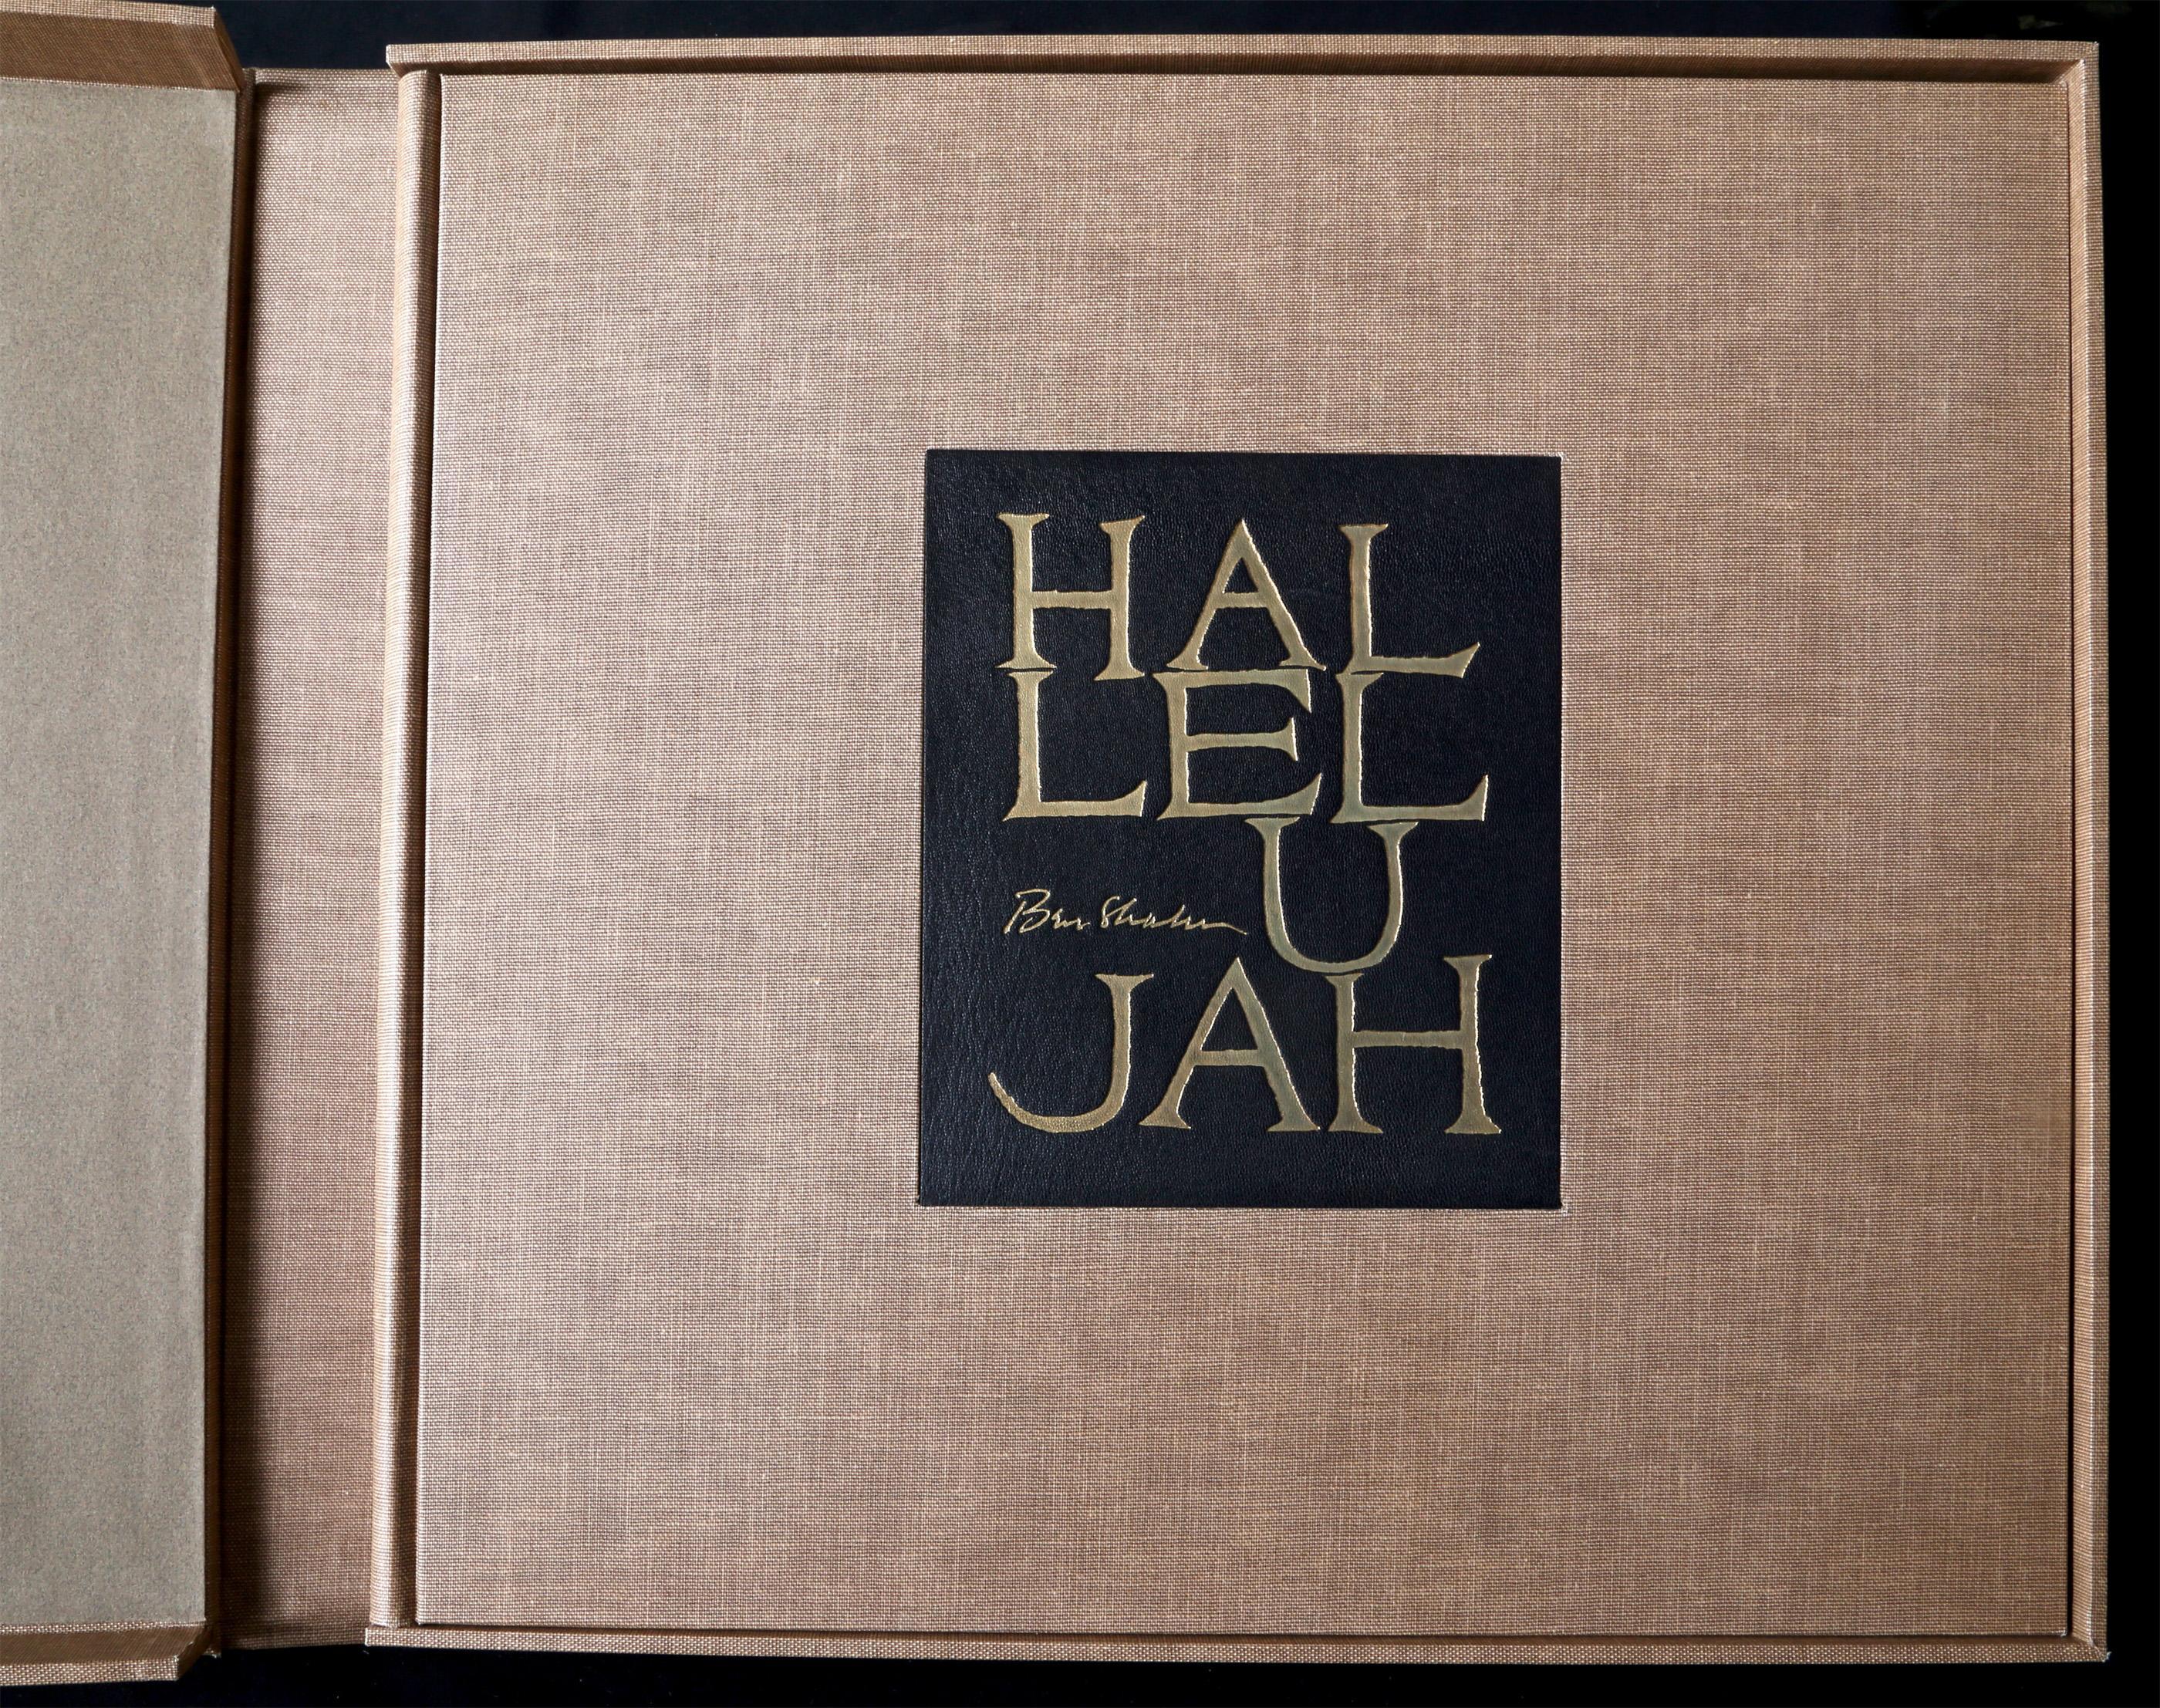 Ben Shahn, Hallelujah, Book of 24 Lithographs